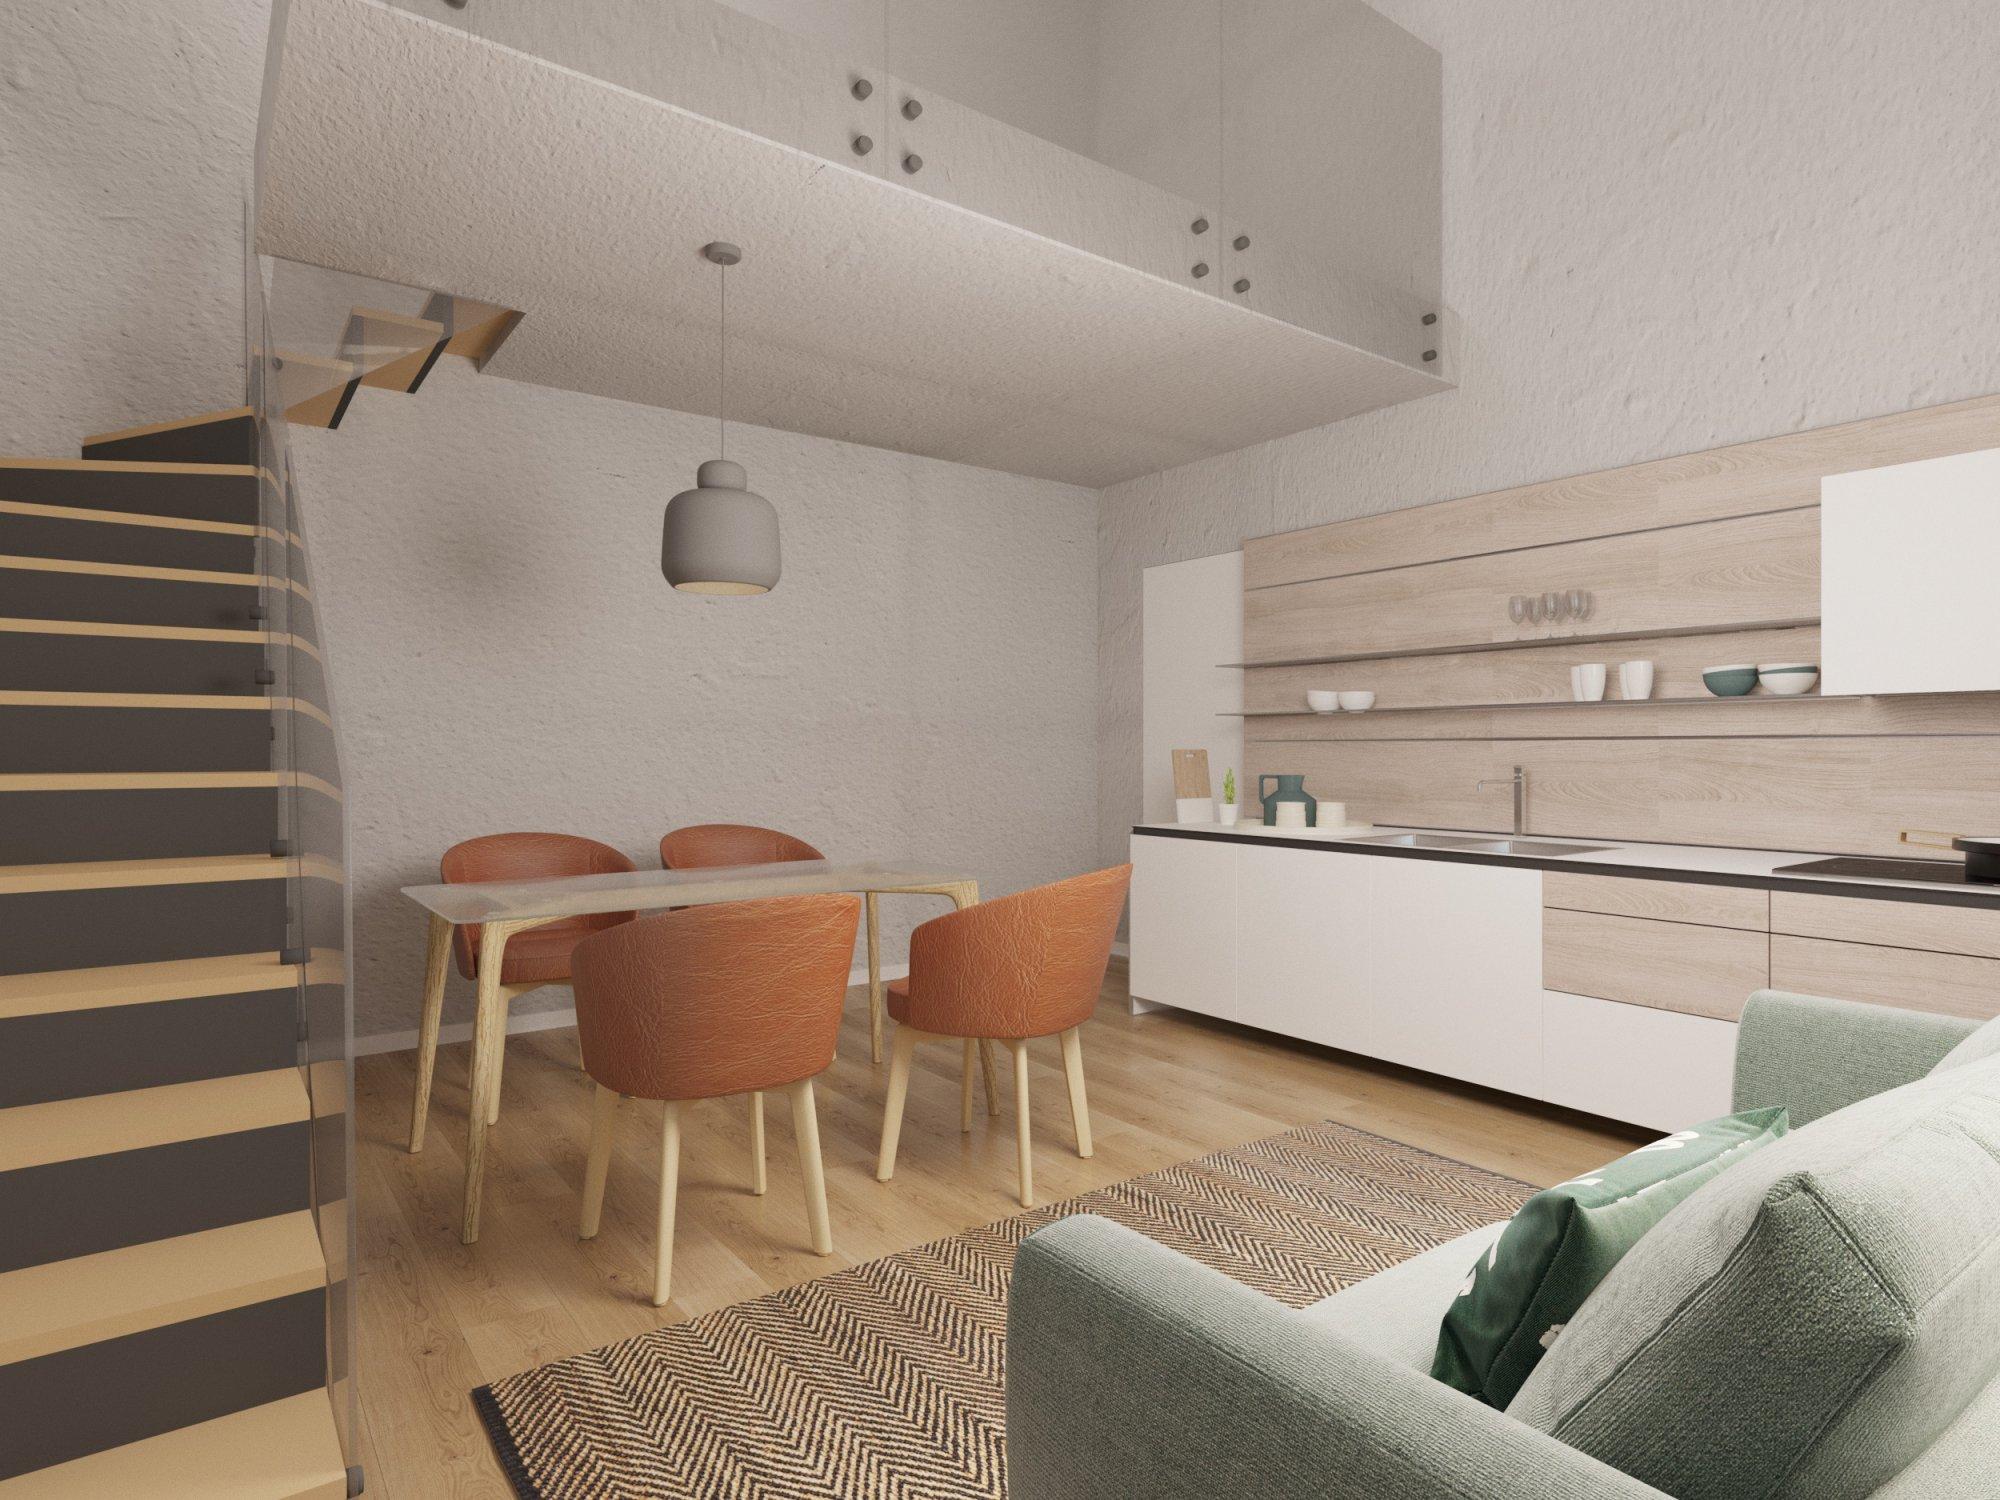 Obývací prostor bytu č. 4 - Půdní byt 3+kk, plocha 88 m², ulice Seifertova, Praha 3 - Žižkov, cena 8 801 400 Kč | 2